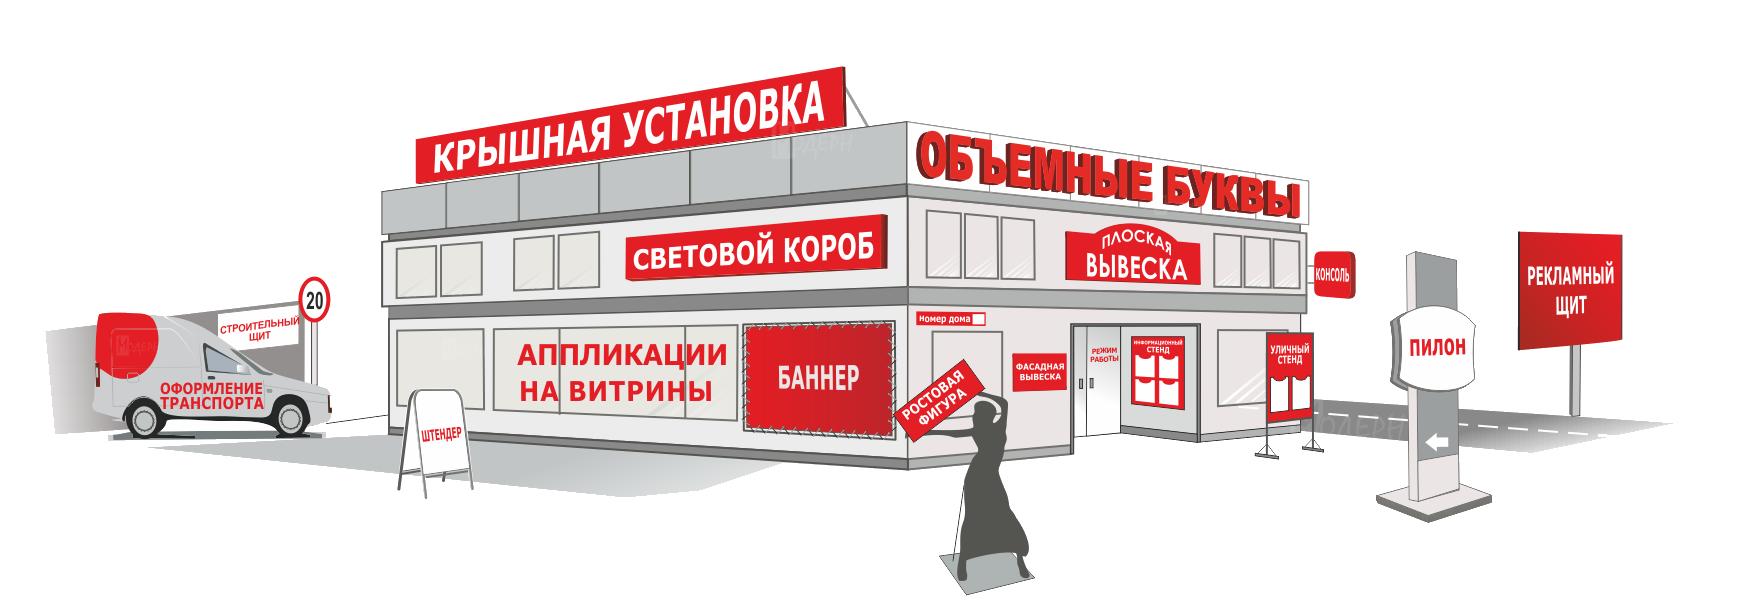 Заказ наружной рекламы казань реклама мебели в интернет магазине